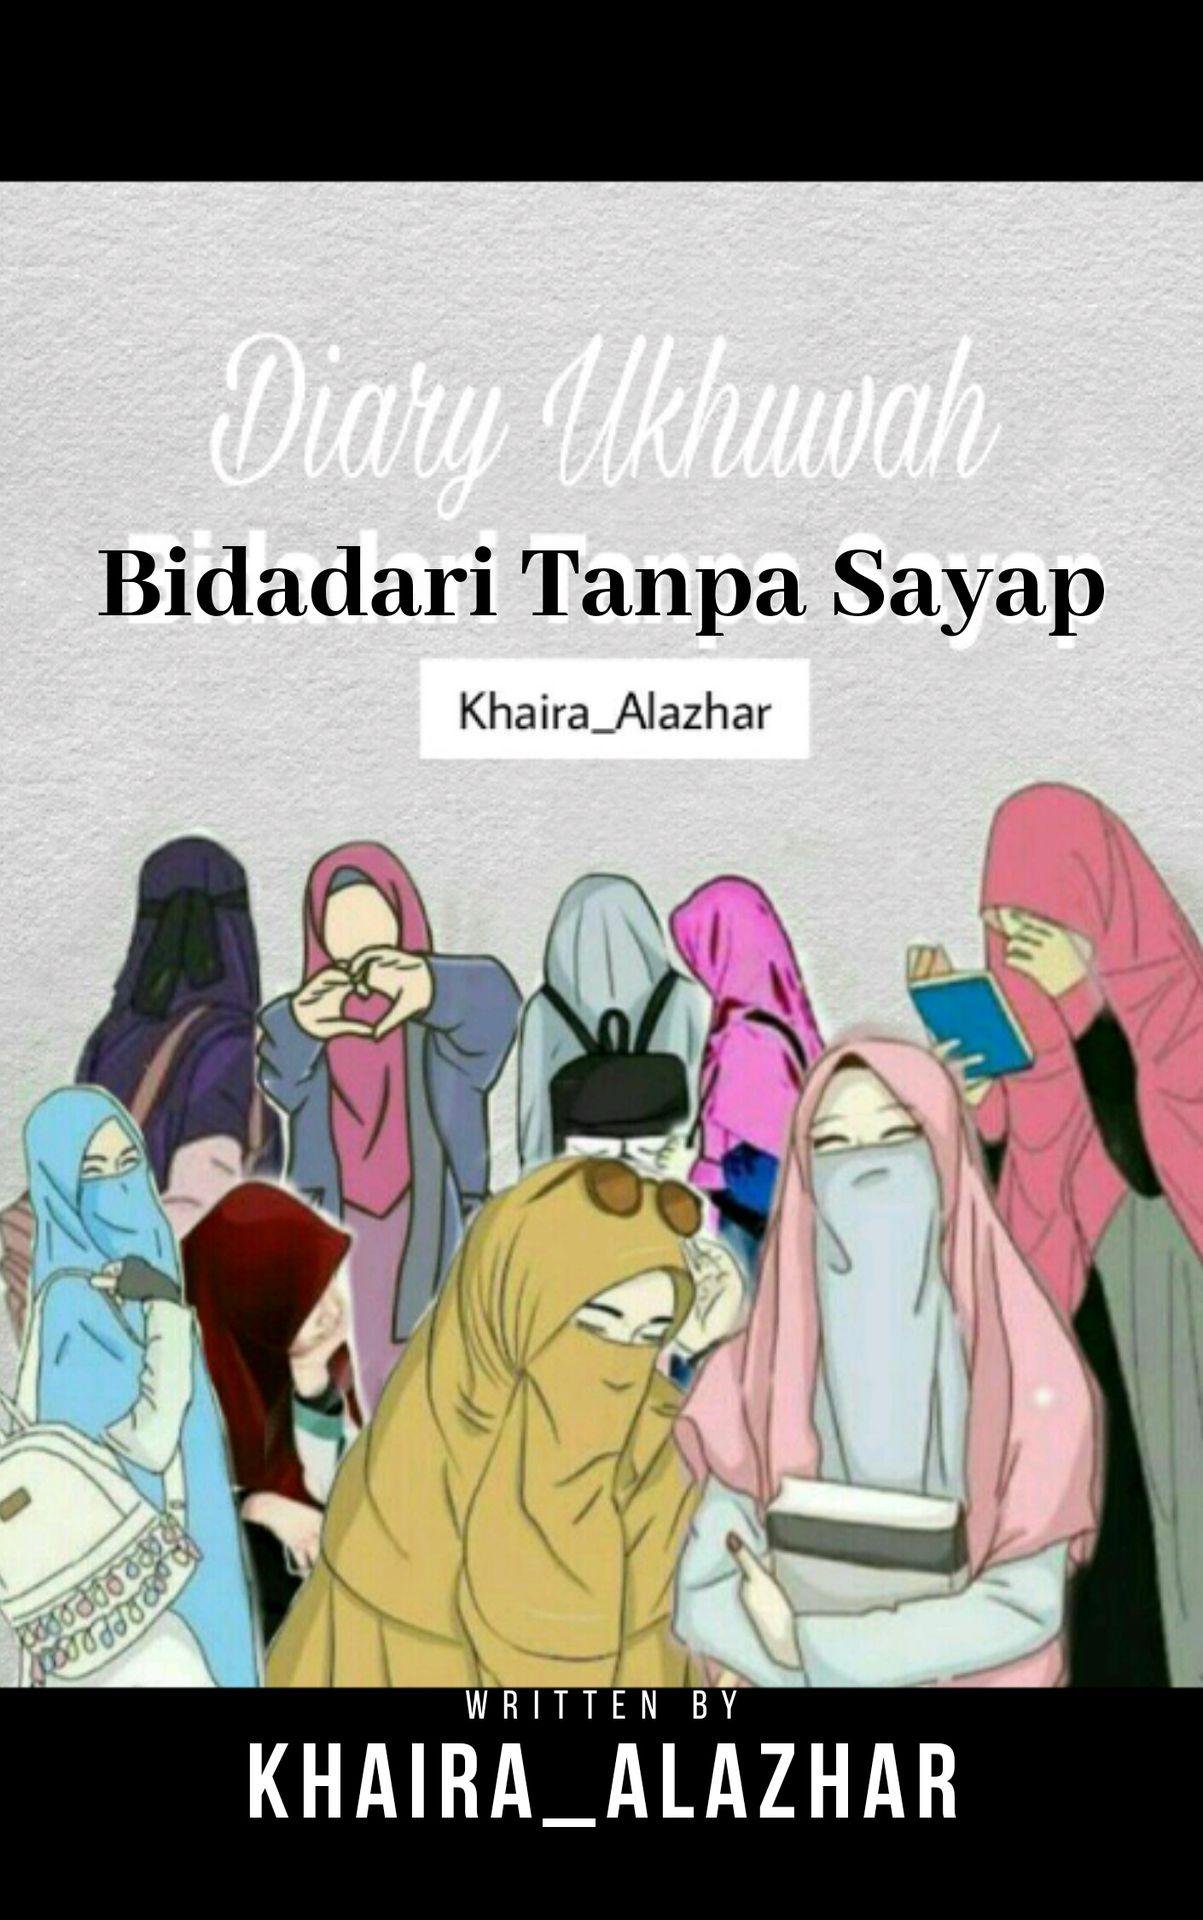 Diary Ukhuwah BTS Bidadari Tanpa Sayap PROLOG Wattpad